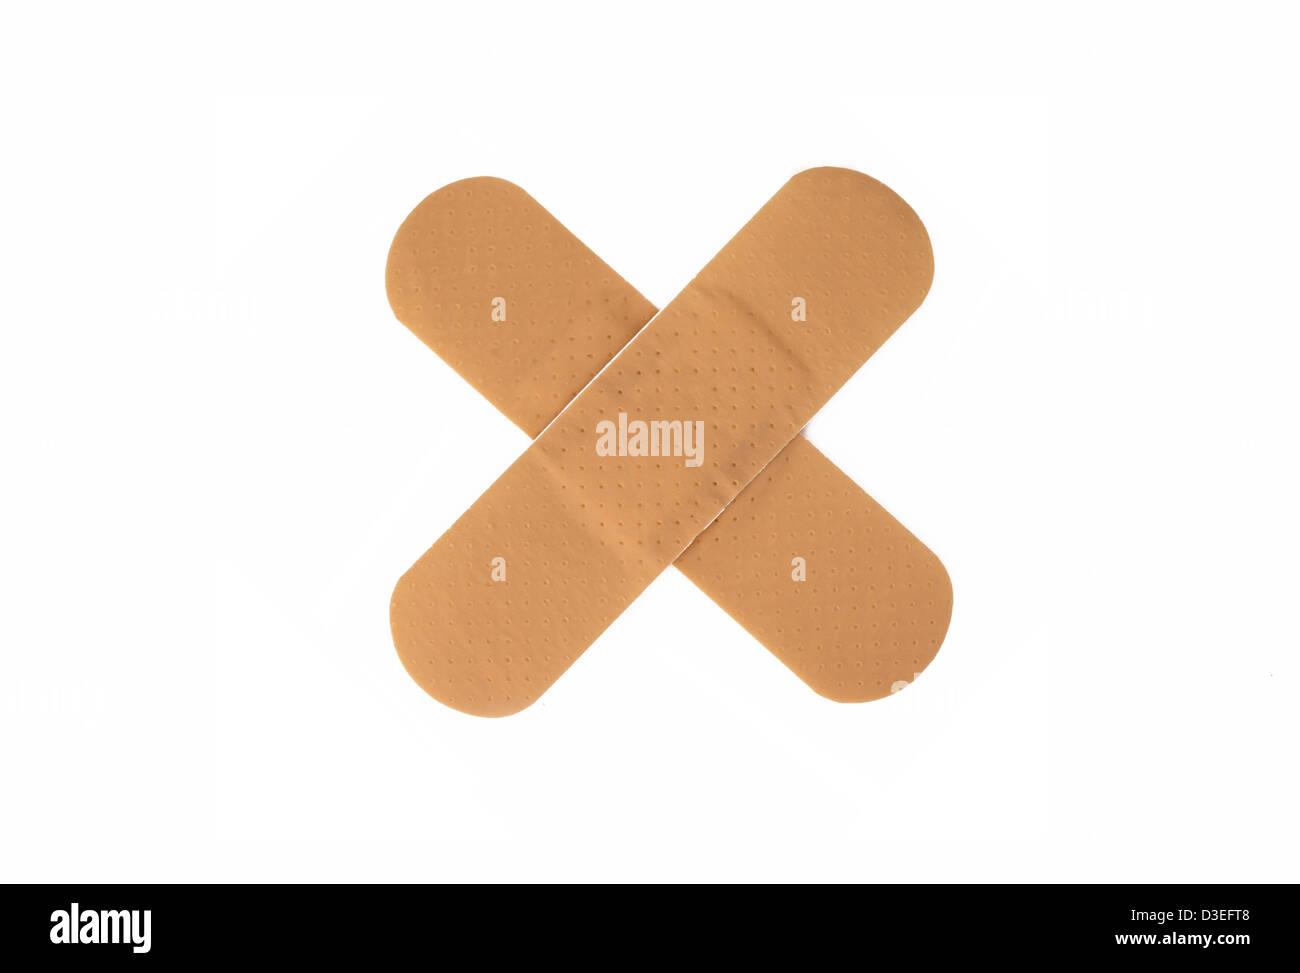 Cruz venda adhesiva aislado sobre fondo blanco. Foto de stock